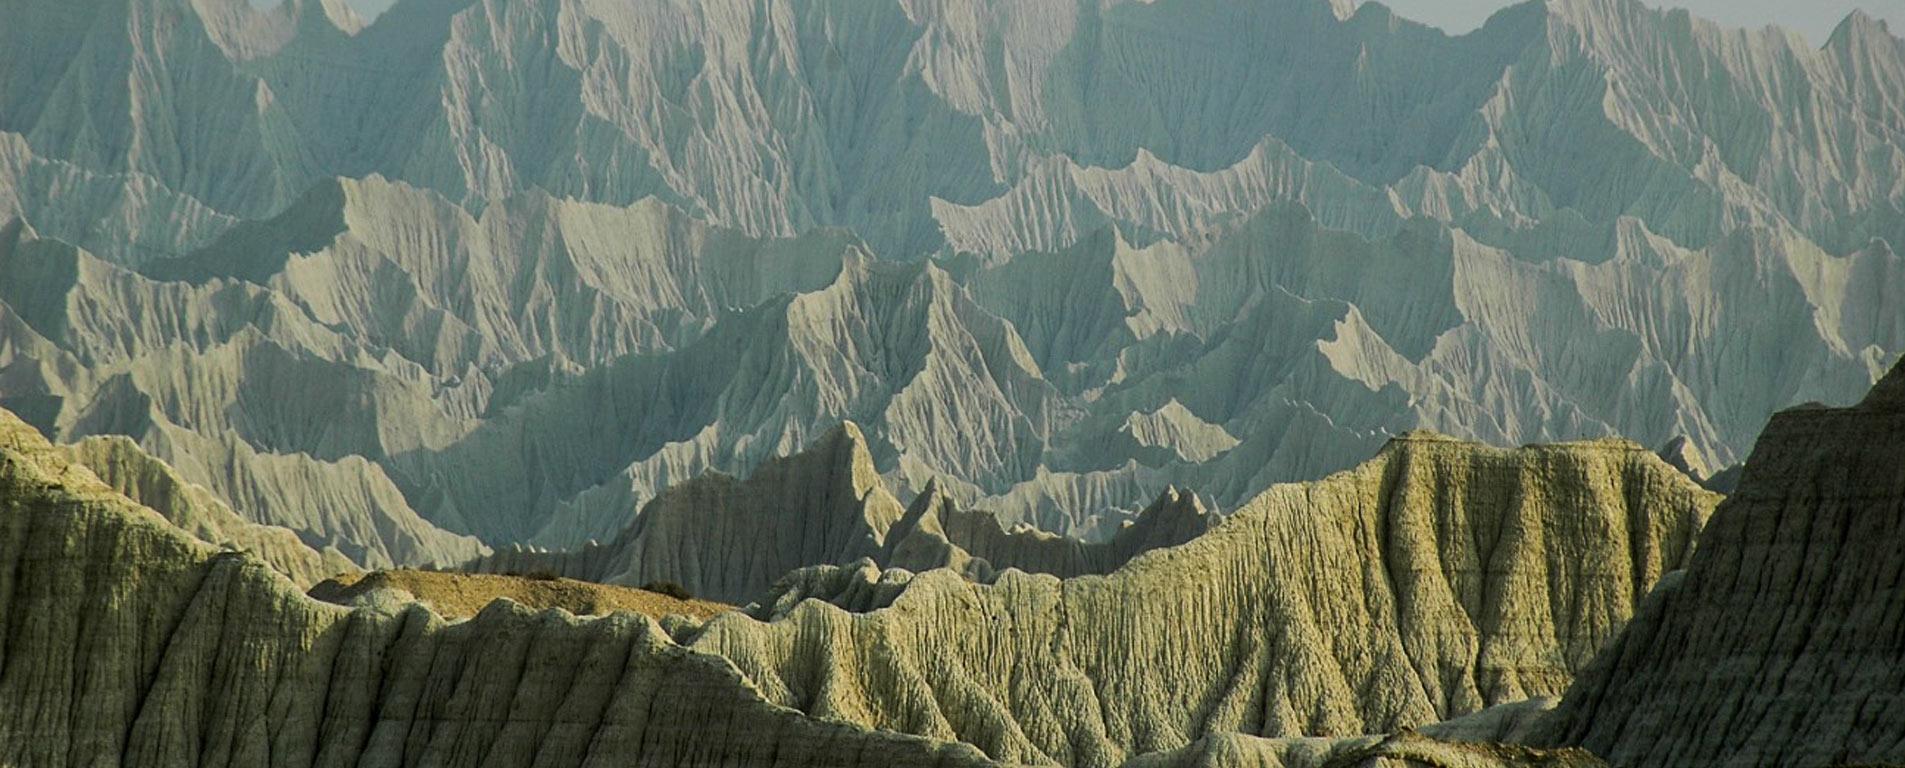 راهنمای سفر به چابهار ، لذت تنفس در هوای شهر چهاربهار